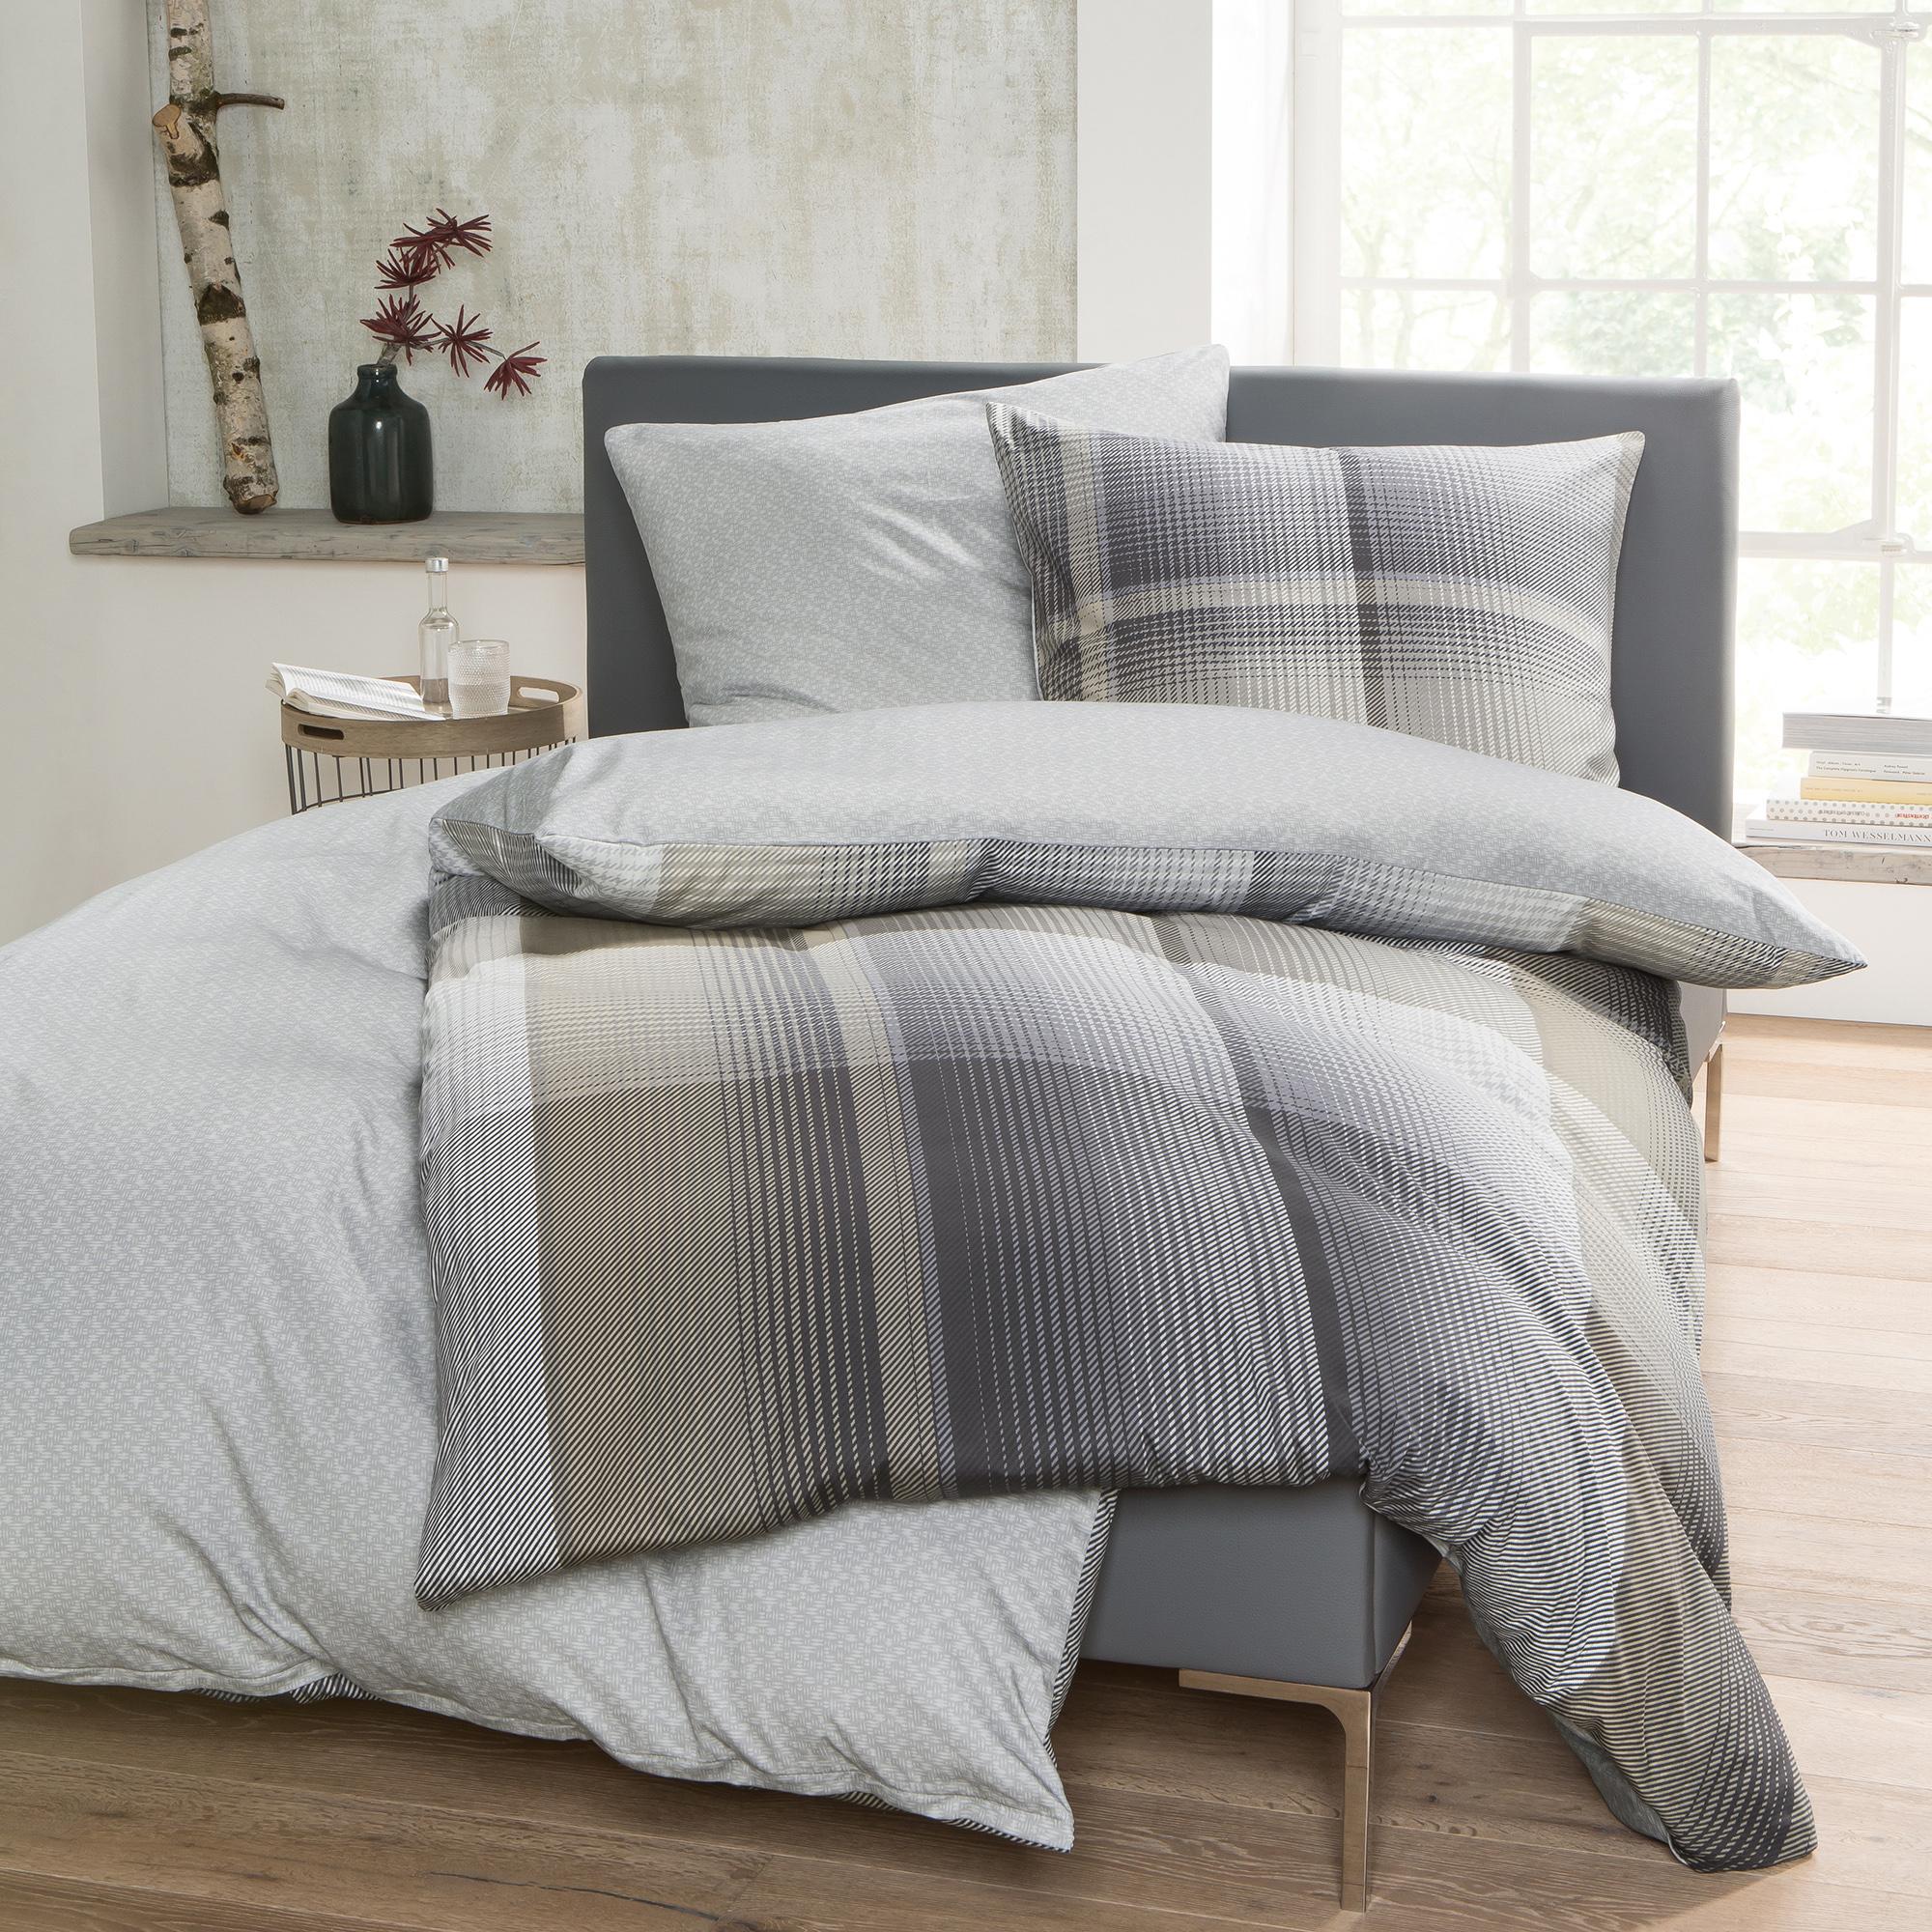 bettw sche bugatti 135x200cm mako satin 100 baumwolle beige kariert 2 teiliges set aus. Black Bedroom Furniture Sets. Home Design Ideas